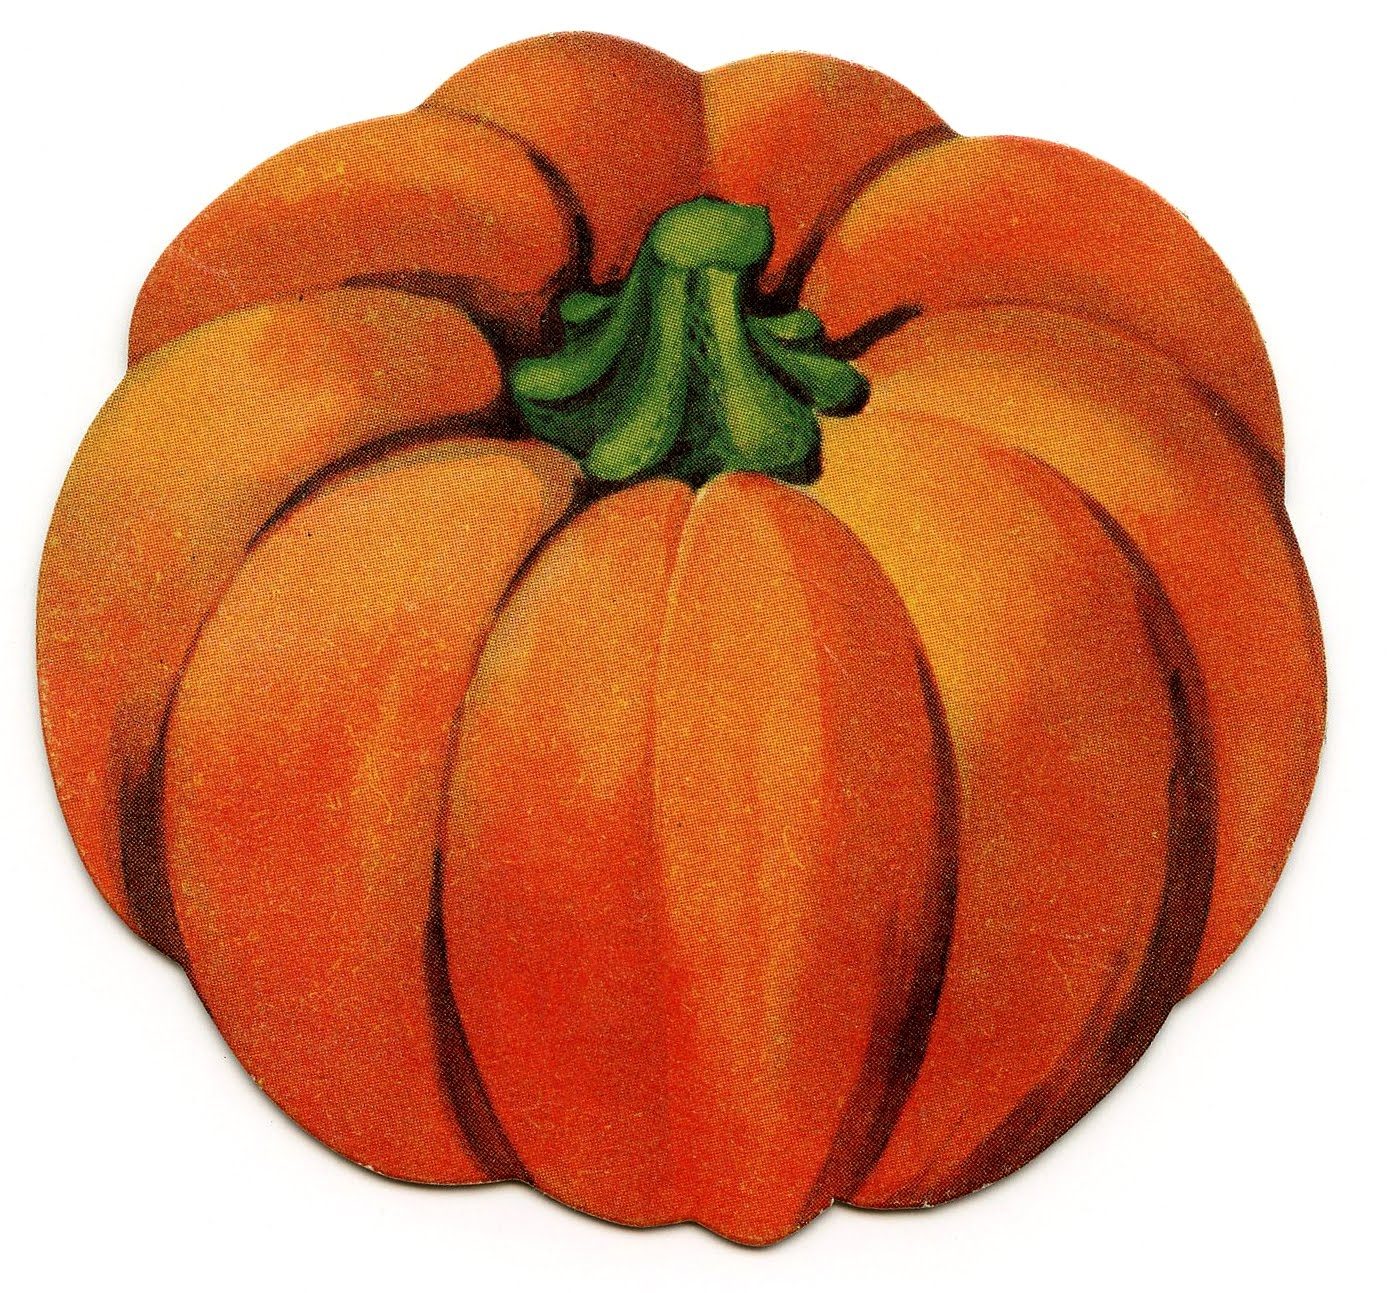 Giant Pumpkin Clipart.